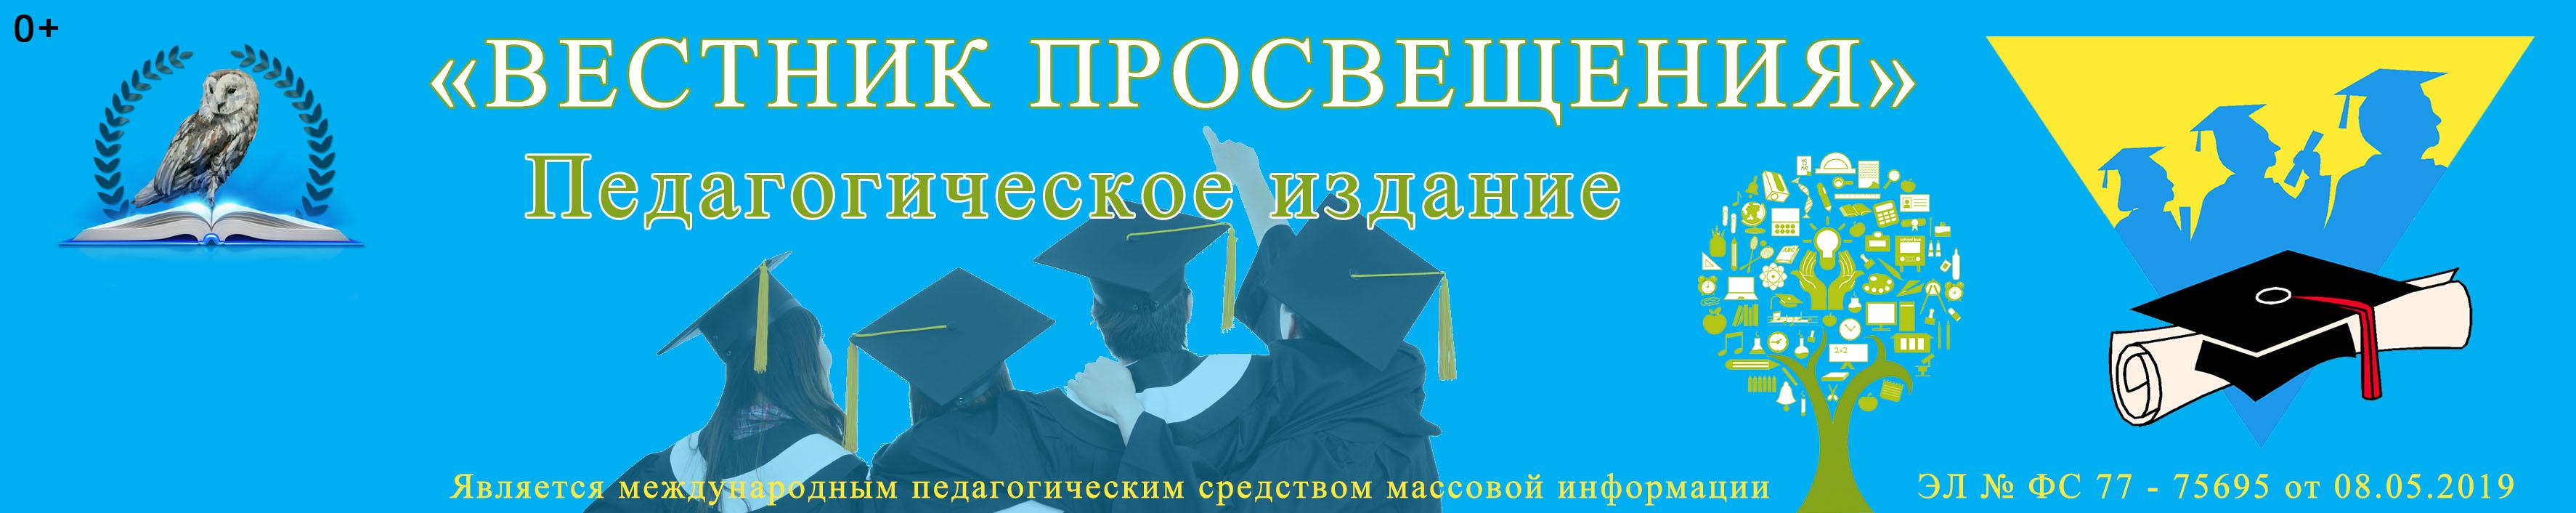 «Вестник Просвещения» | Российское педагогическое издание